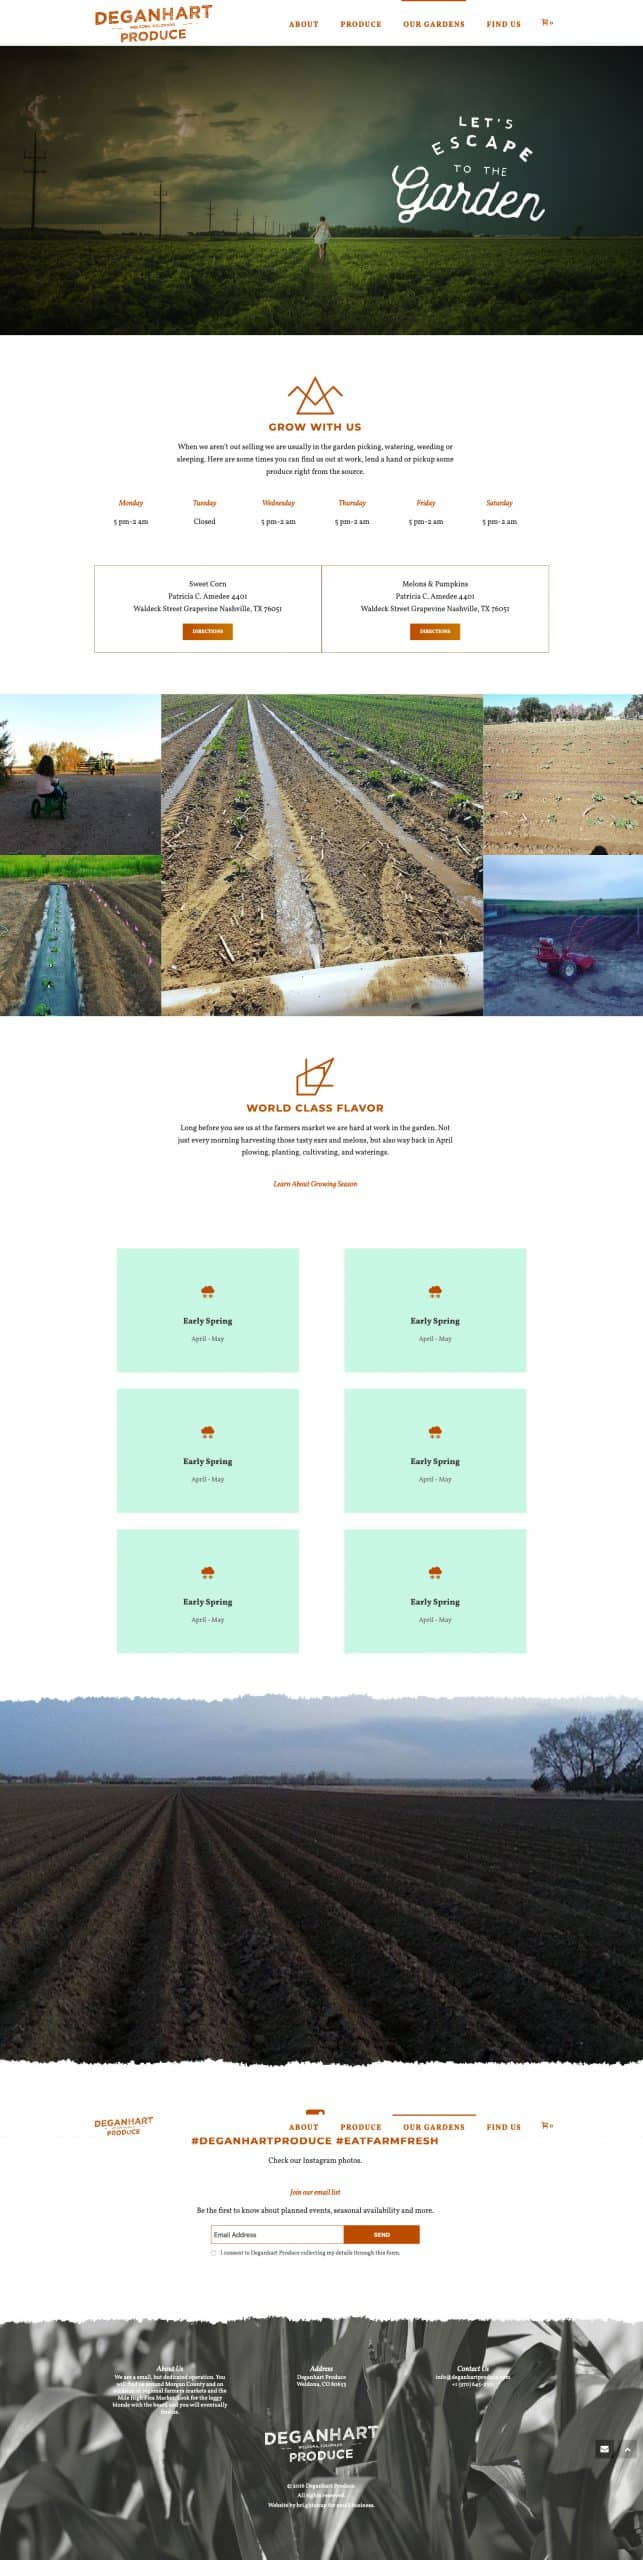 Screenshot_2021-01-12-Our-Gardens-–-Deganhart-Produce